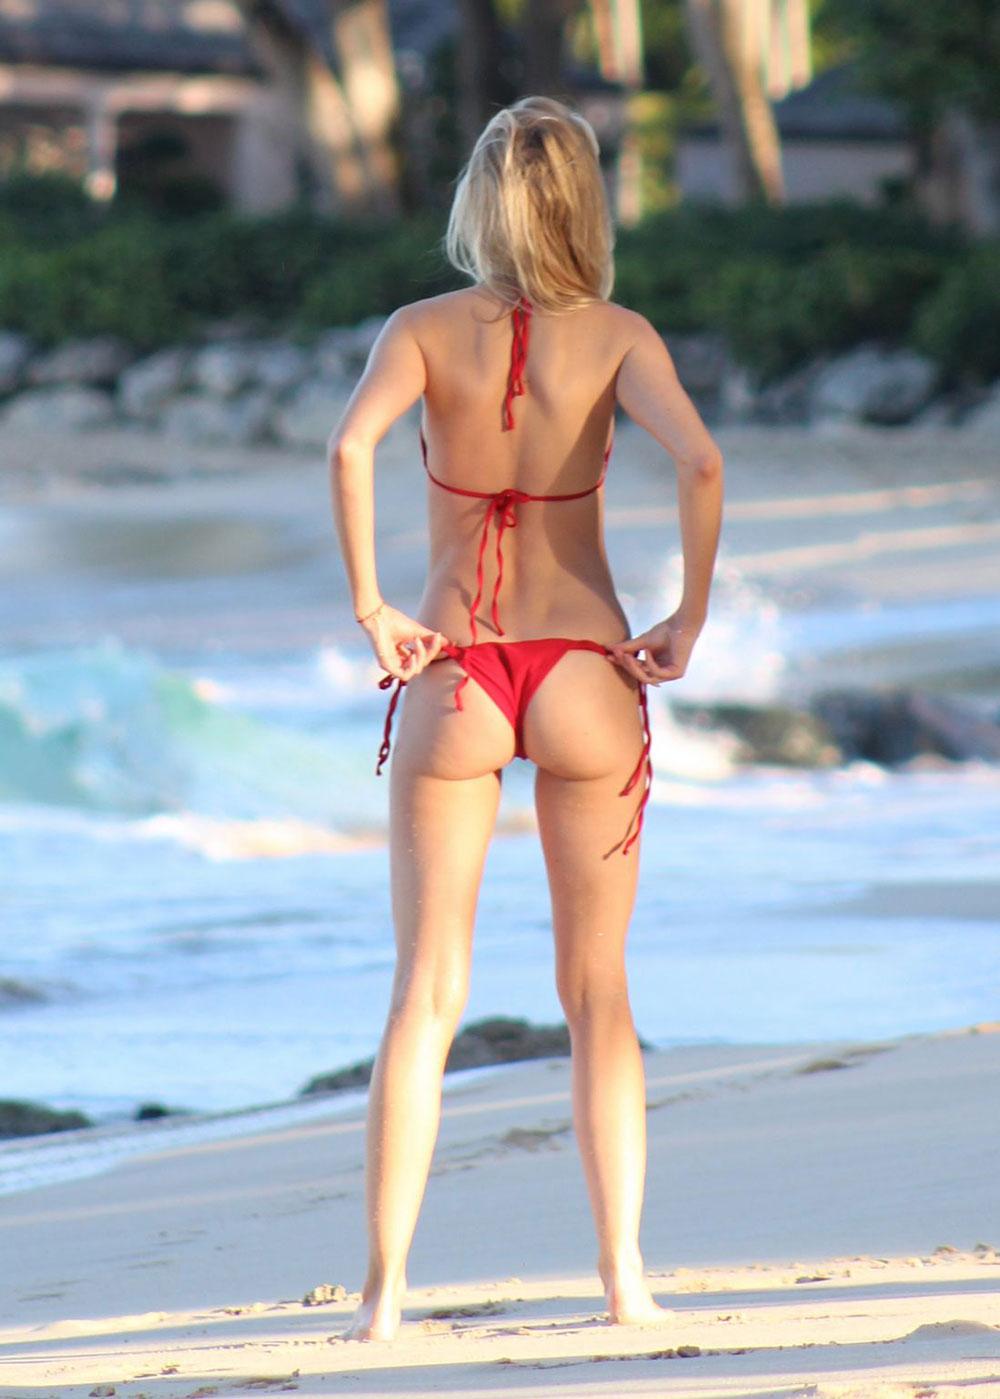 Ass Kimberley garner bikini